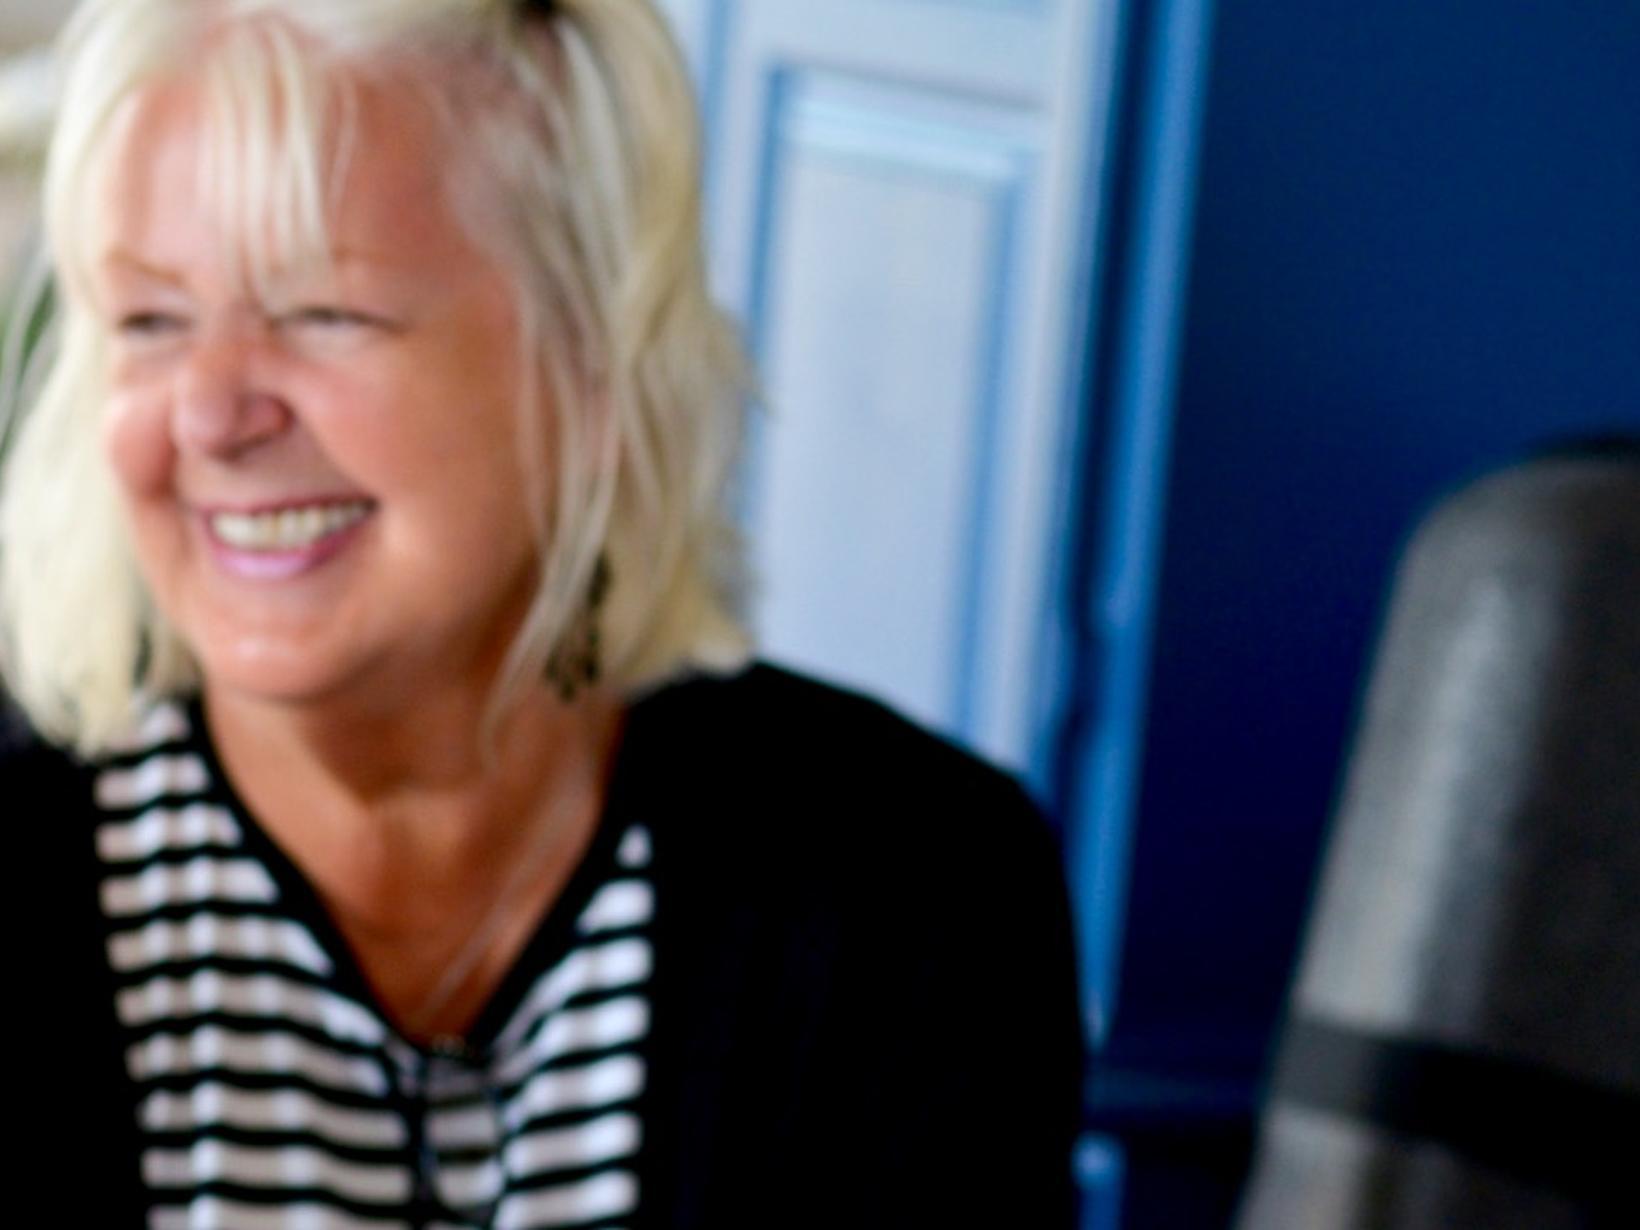 Anne from Lunenburg, Nova Scotia, Canada